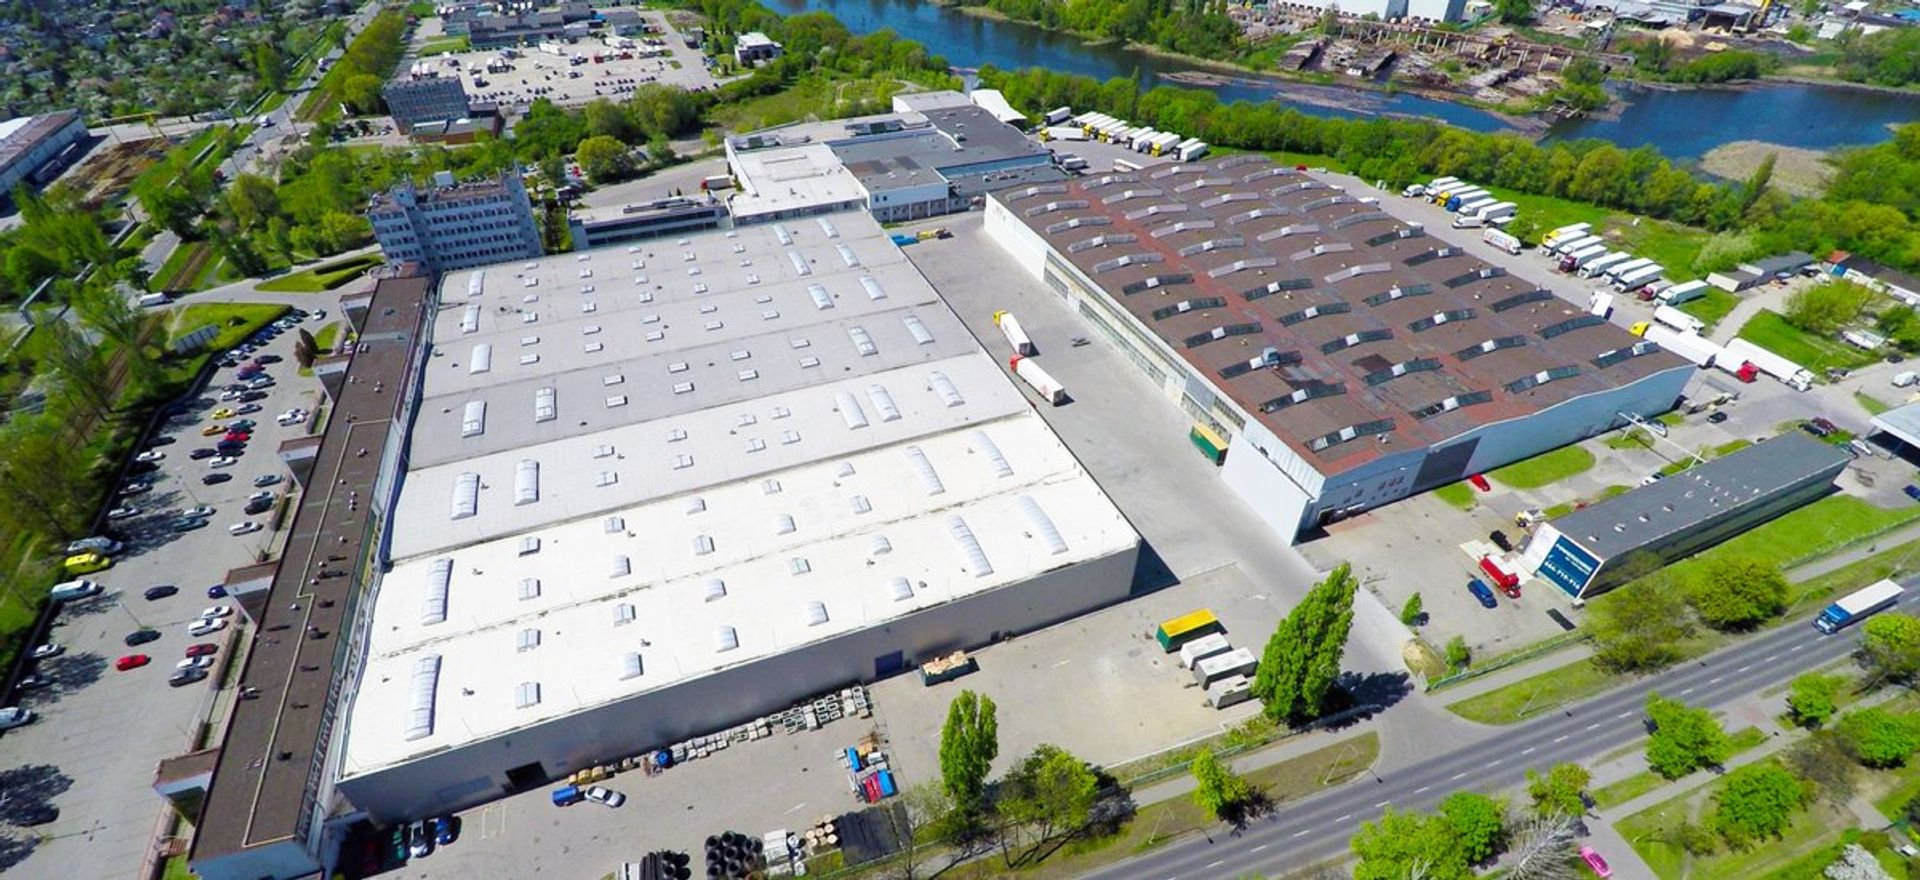 [Bydgoszcz] Kolejna umowa najmu w Logistic & Business Park Bydgoszcz przedłużona